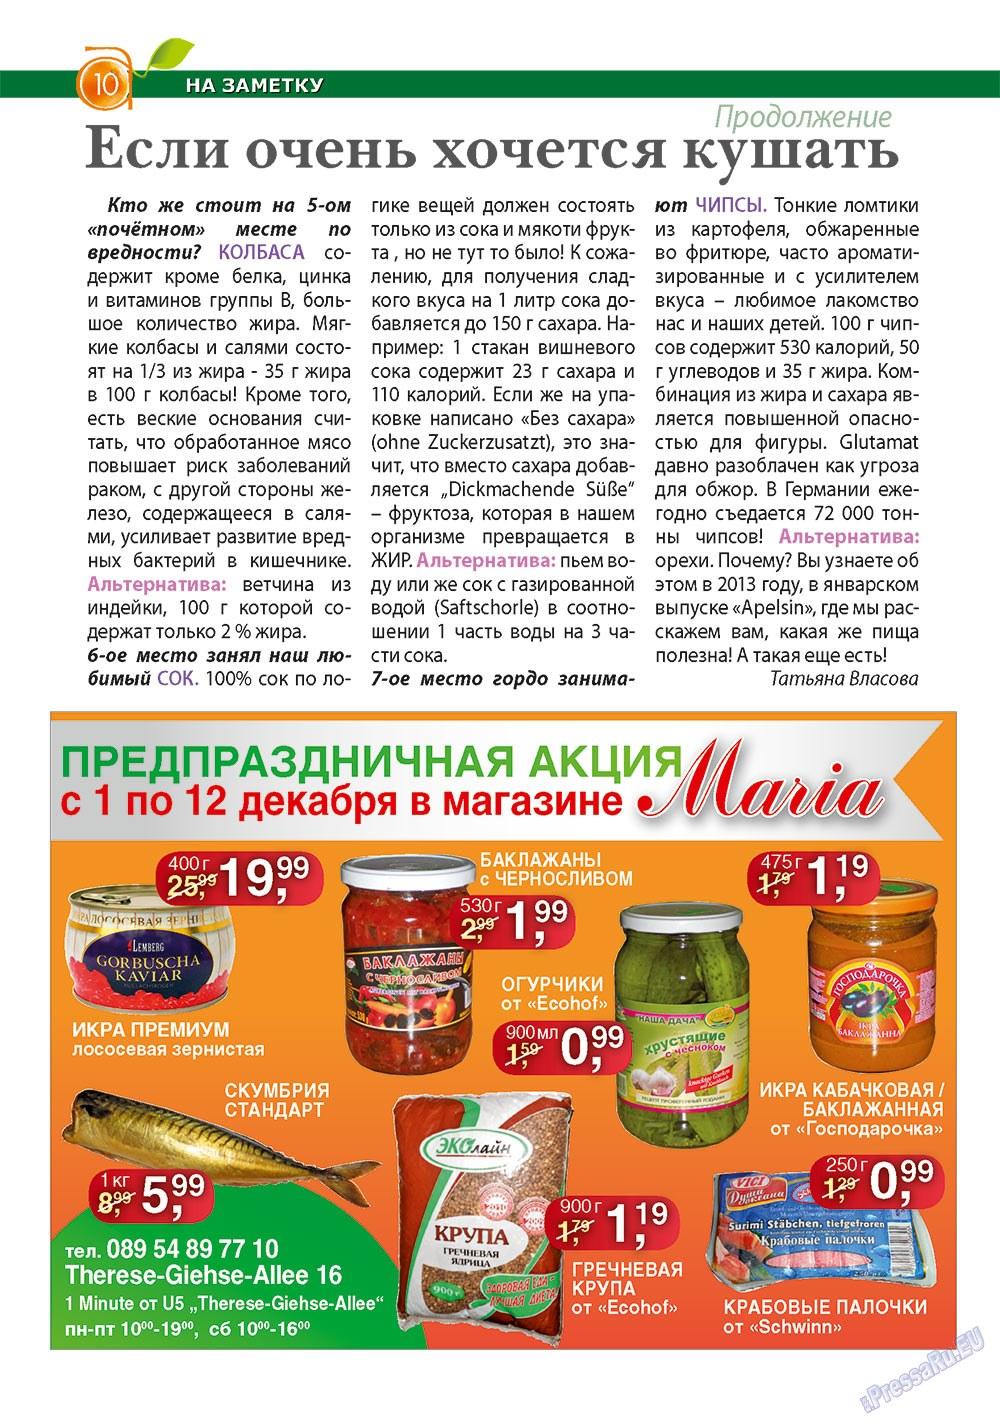 Апельсин (журнал). 2012 год, номер 41, стр. 10